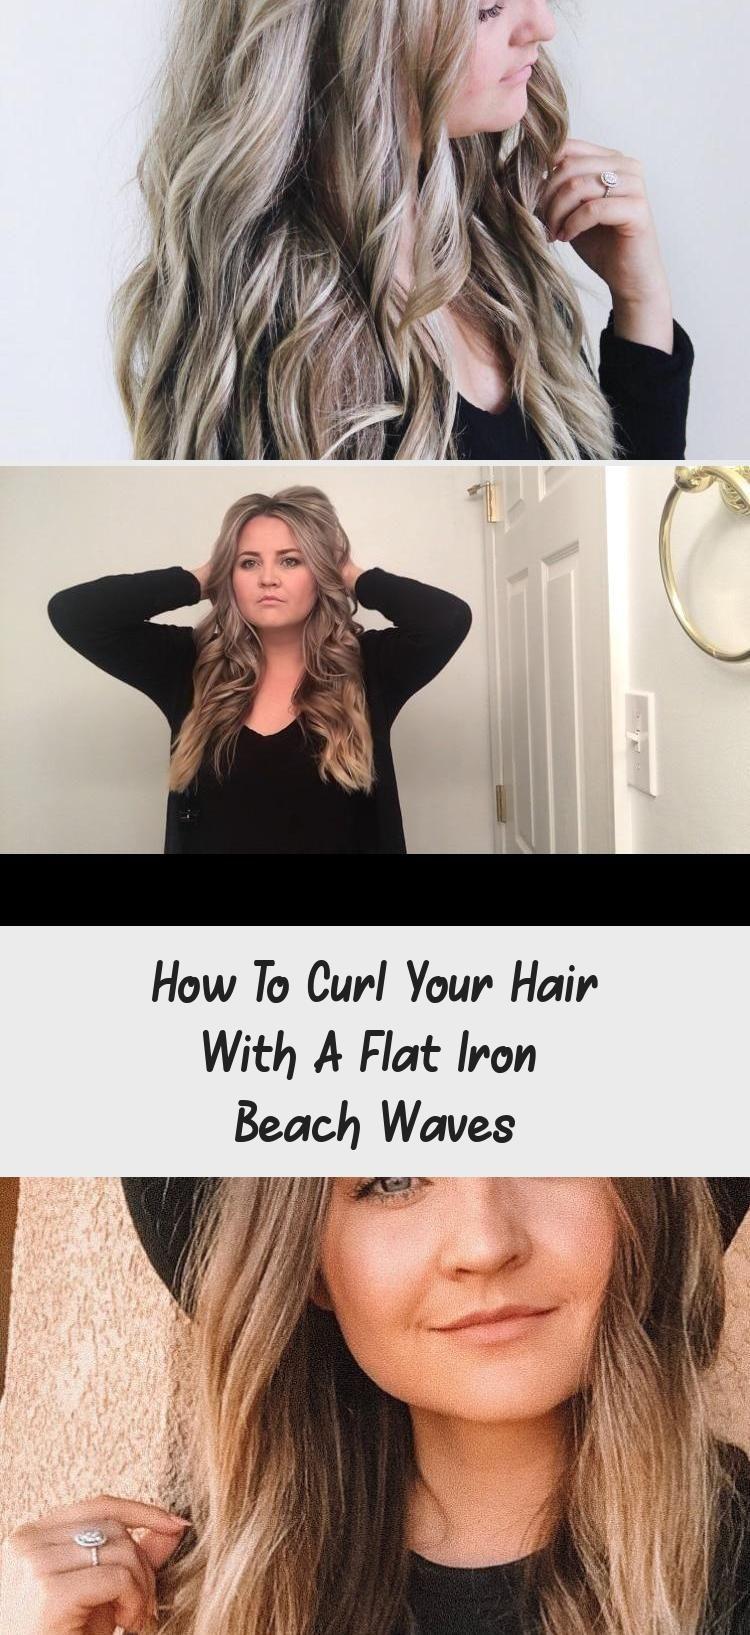 How To Curl Your Hair With A Flat Iron Beach Waves Hairstyle A2vids How To Curl Your Hair Wi In 2020 Wellige Frisuren Kurze Haare Anleitungen Kurze Haare Wellen